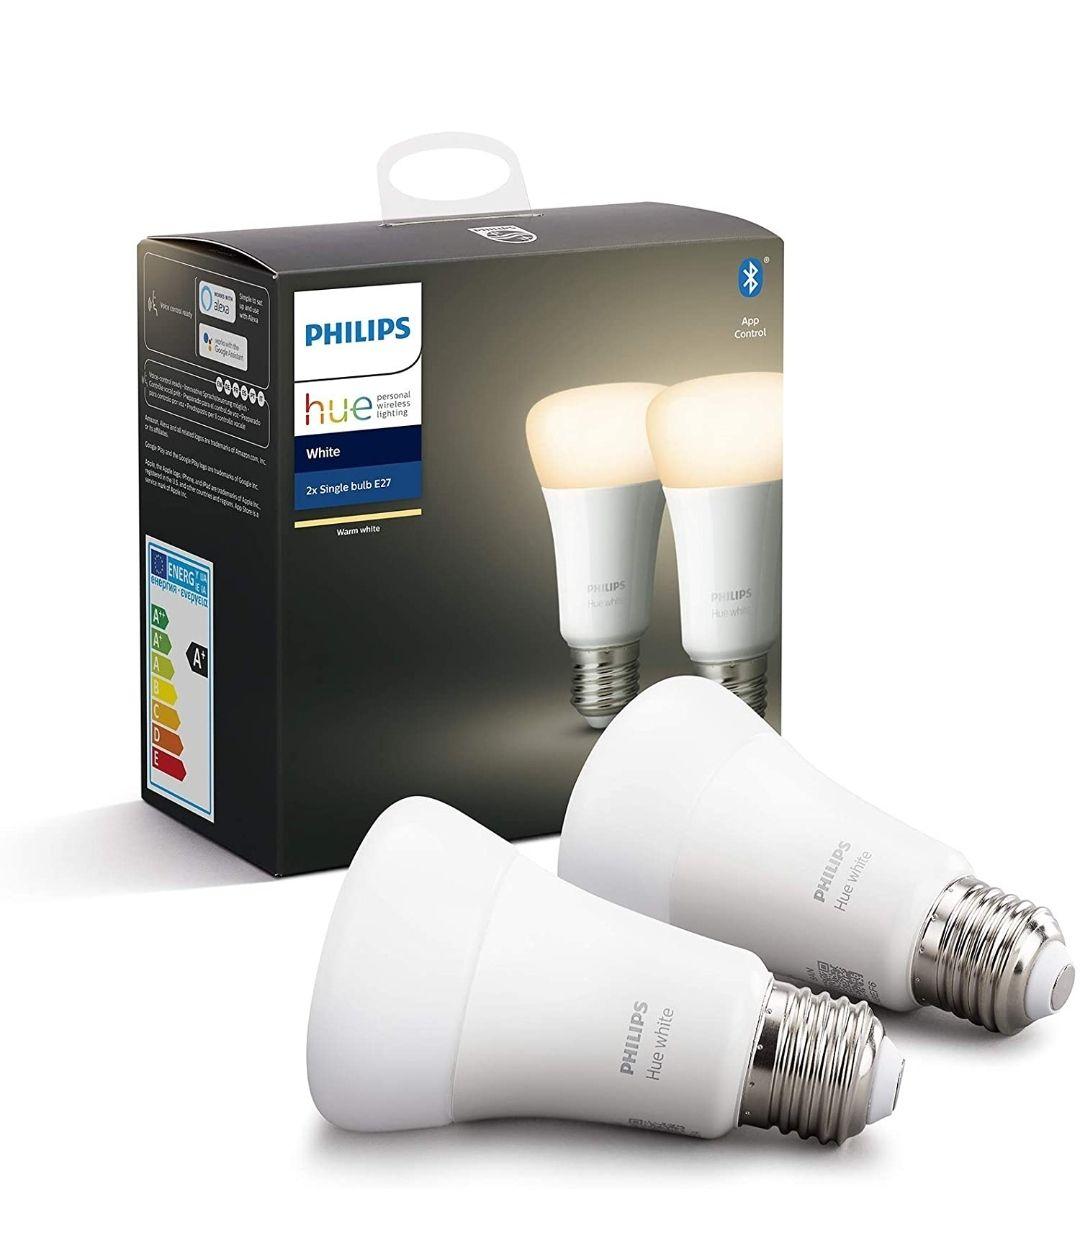 6 bombillas E27 compatibles con Alexa *Descripción*